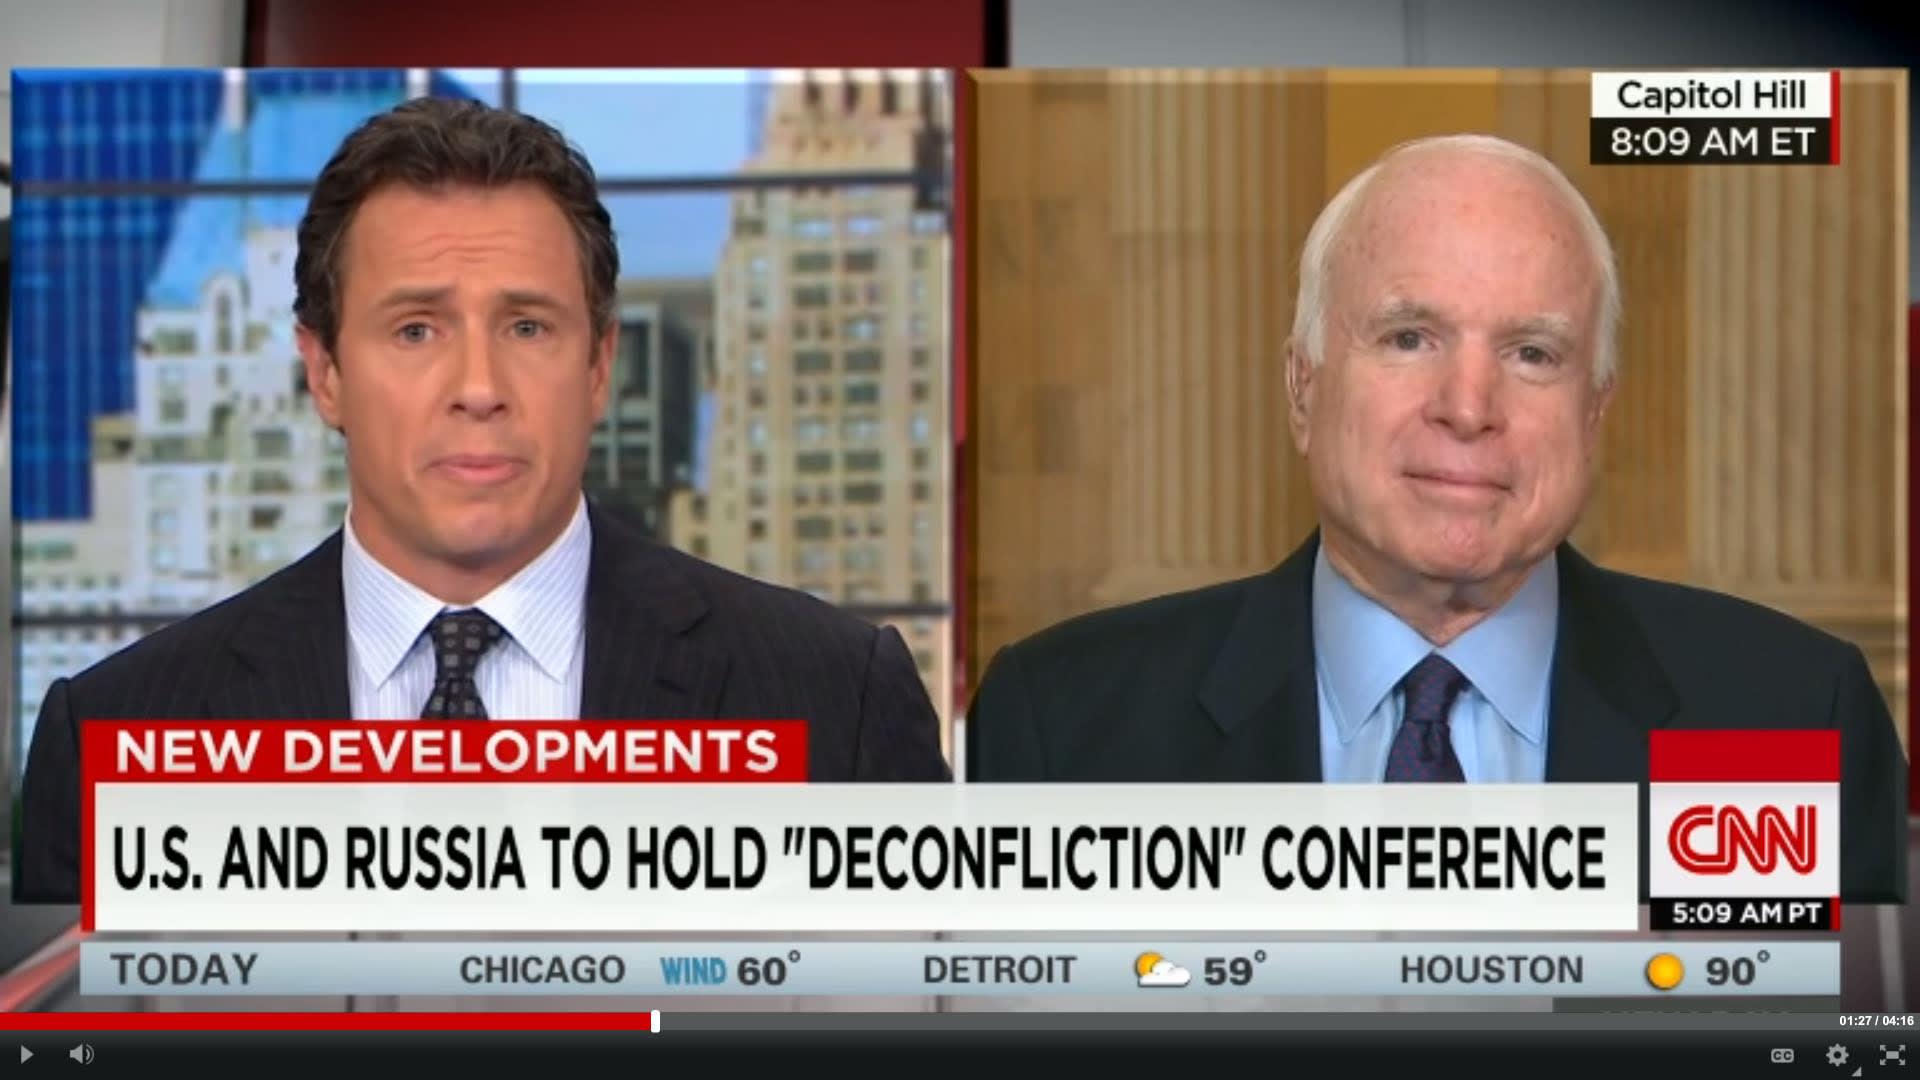 جون ماكين: دونالد ترامب لا يفهم سوريا